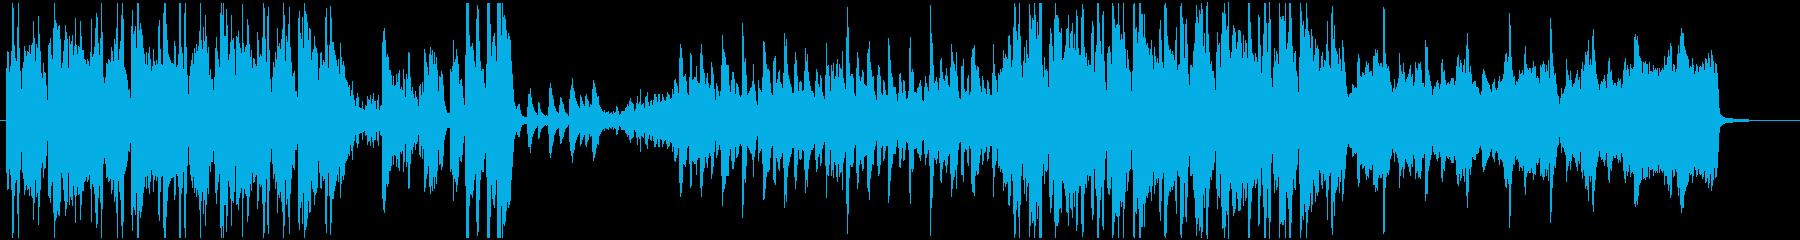 工業/アコースティック/ピアノの再生済みの波形